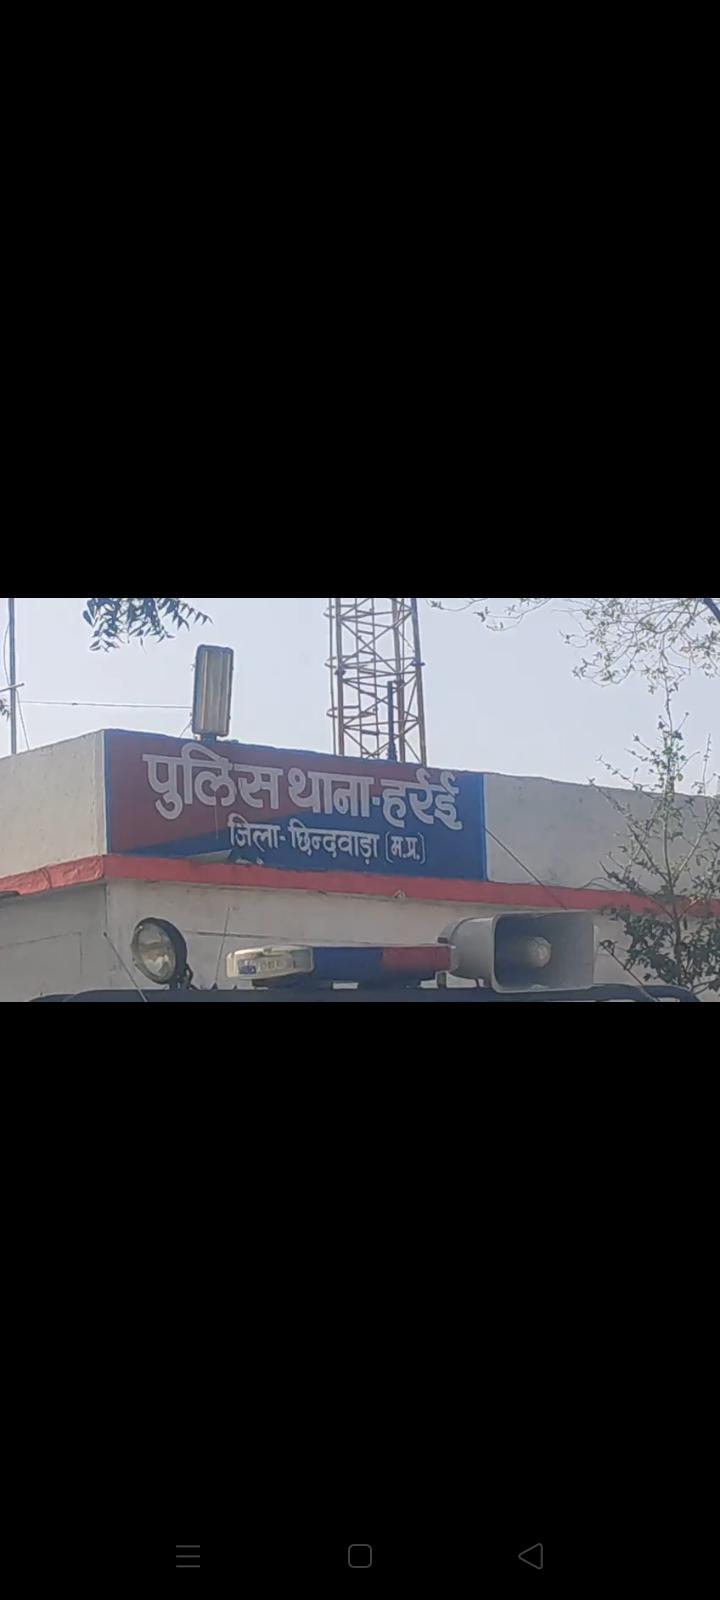 गौरव गुप्ता का एक्सीडेंट या मर्डर ?